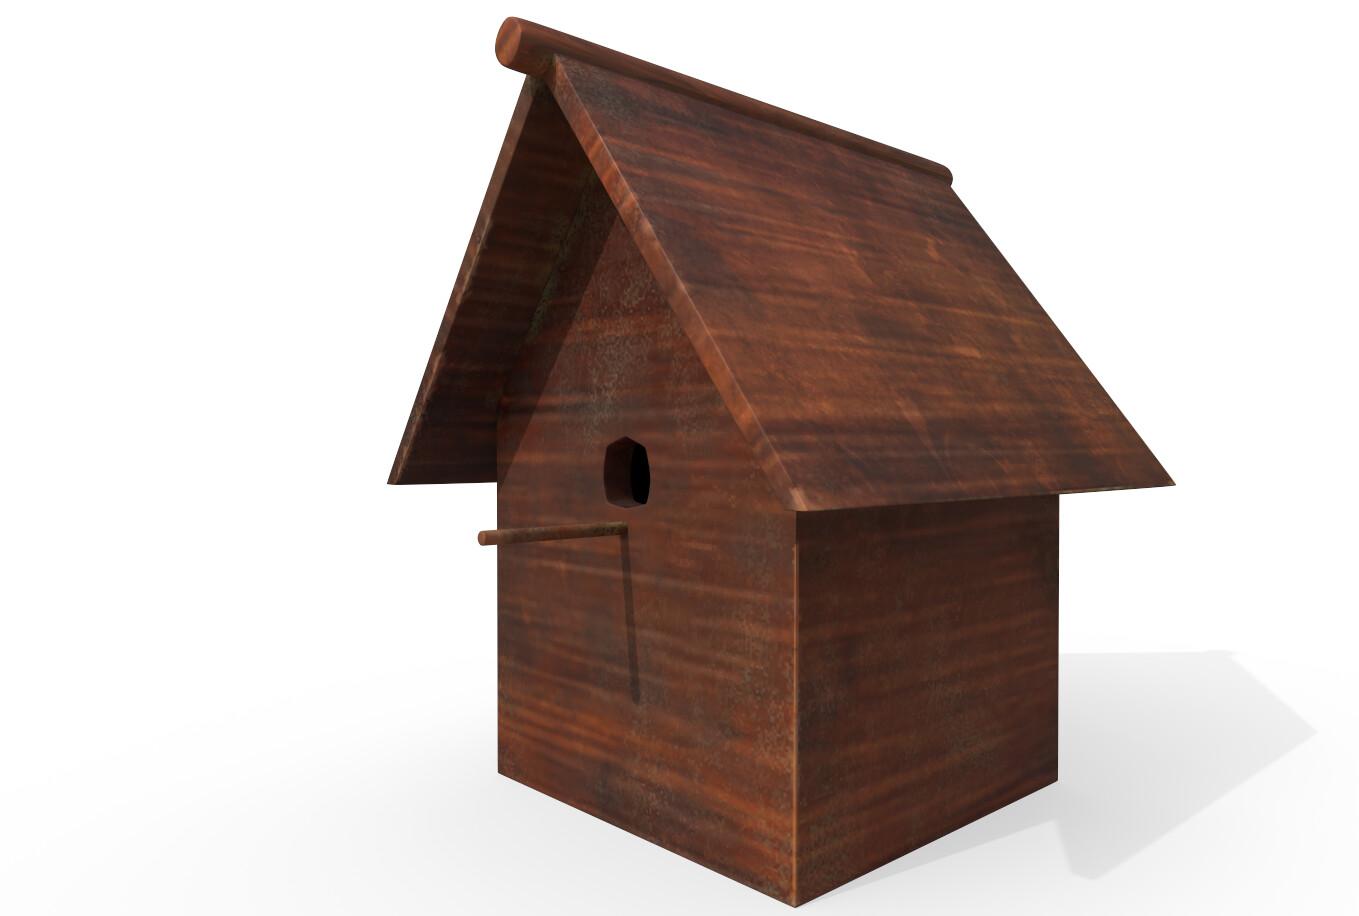 Joseph moniz birdhouse001g